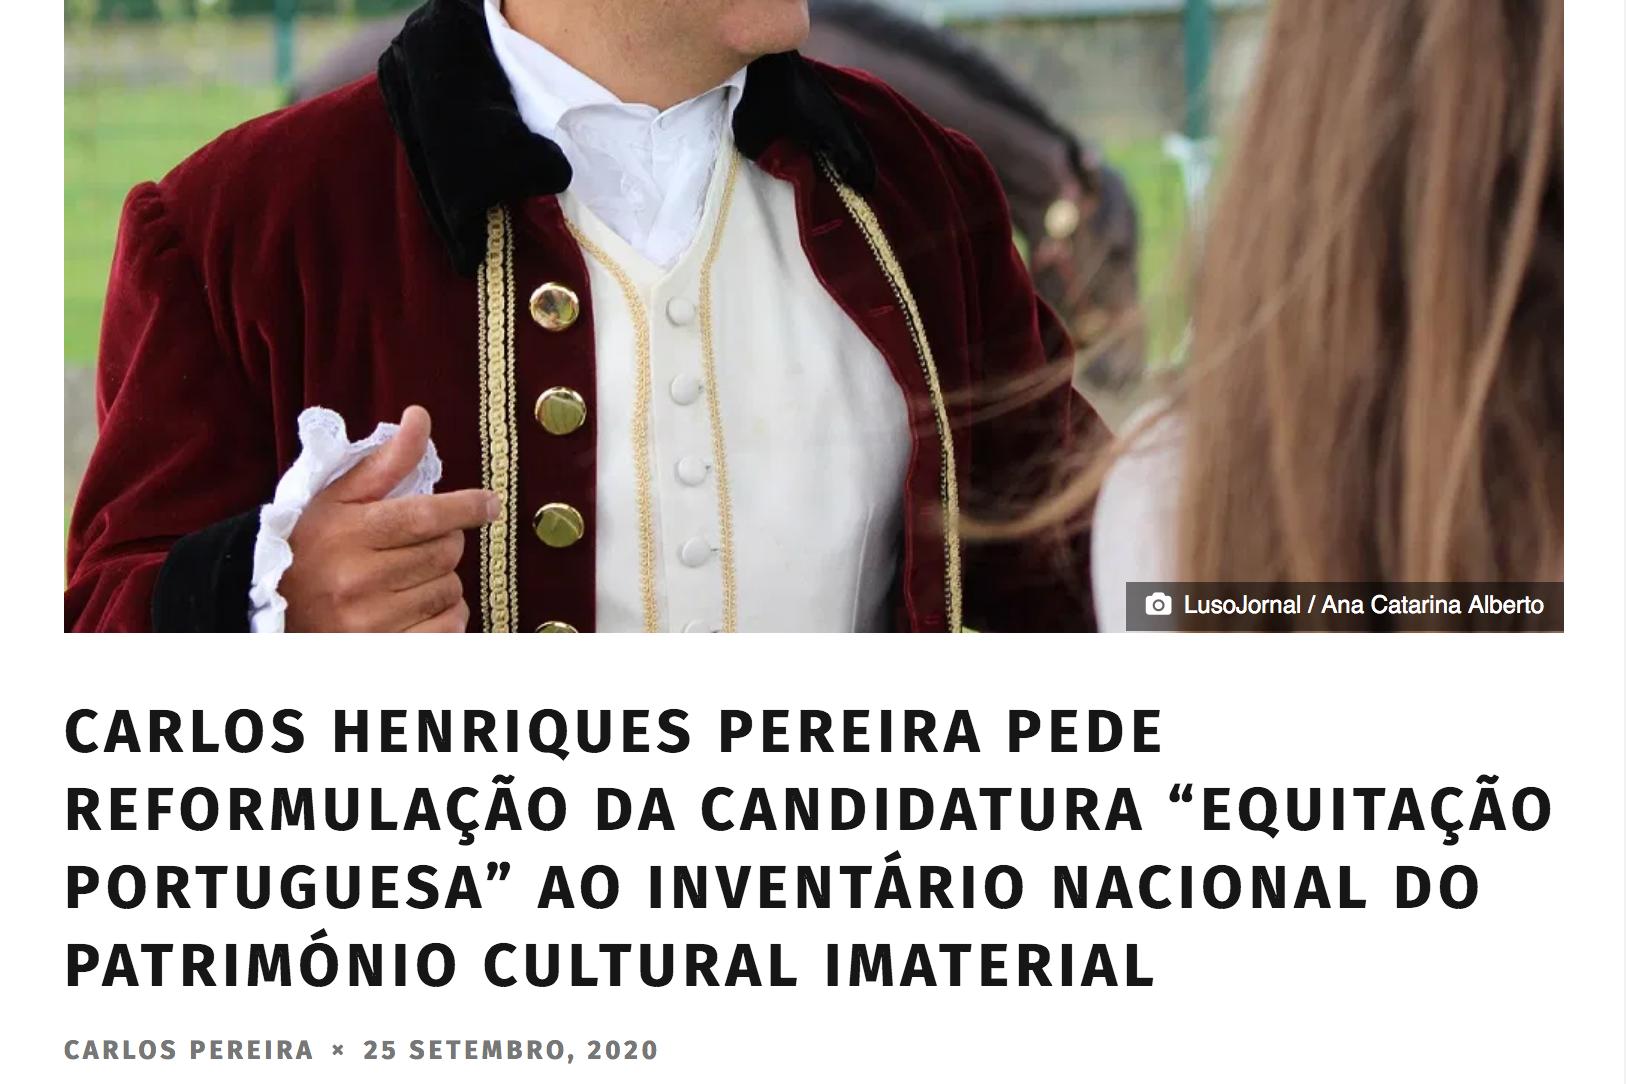 Carlos Pereira demande une reformulation de la candidature de l'équitation portugaise au patrimoine immatériel.